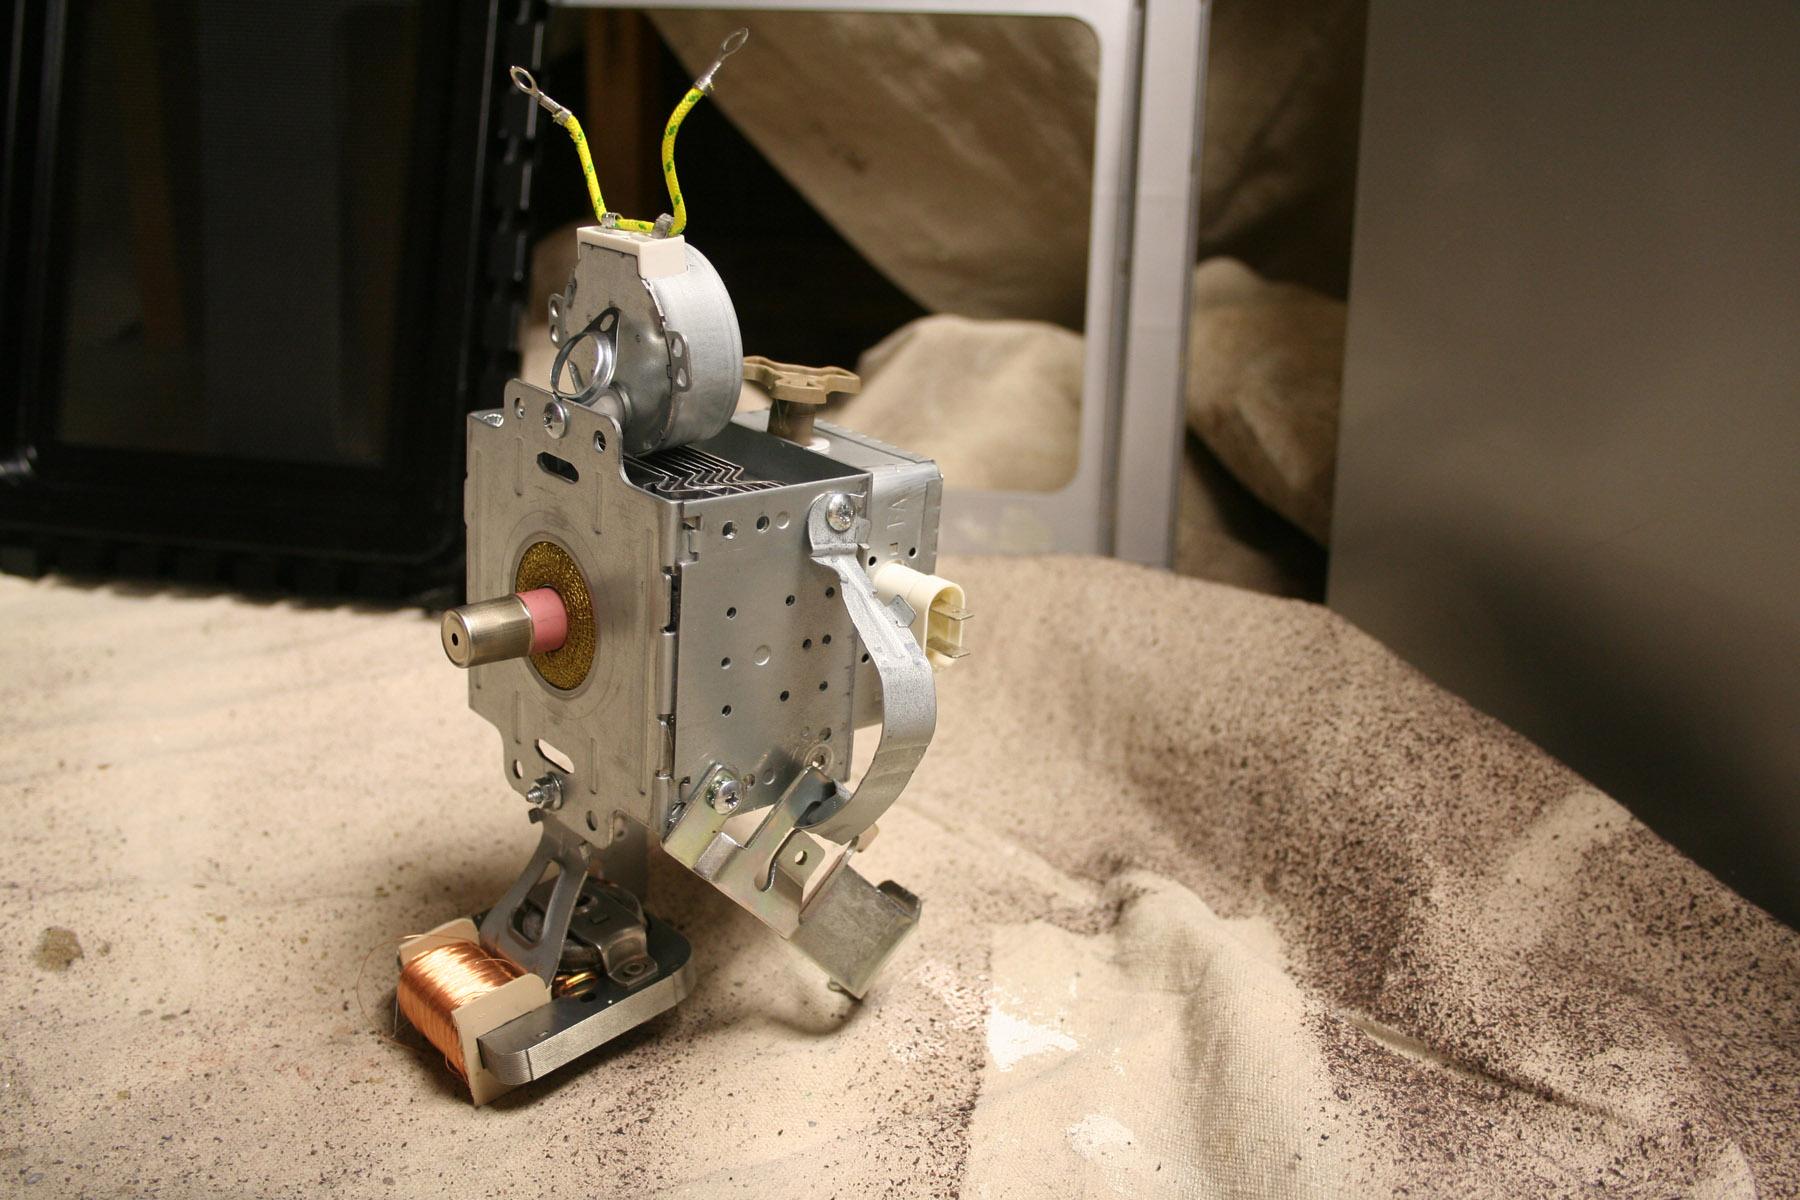 Project7_Little_Robot (3).jpg